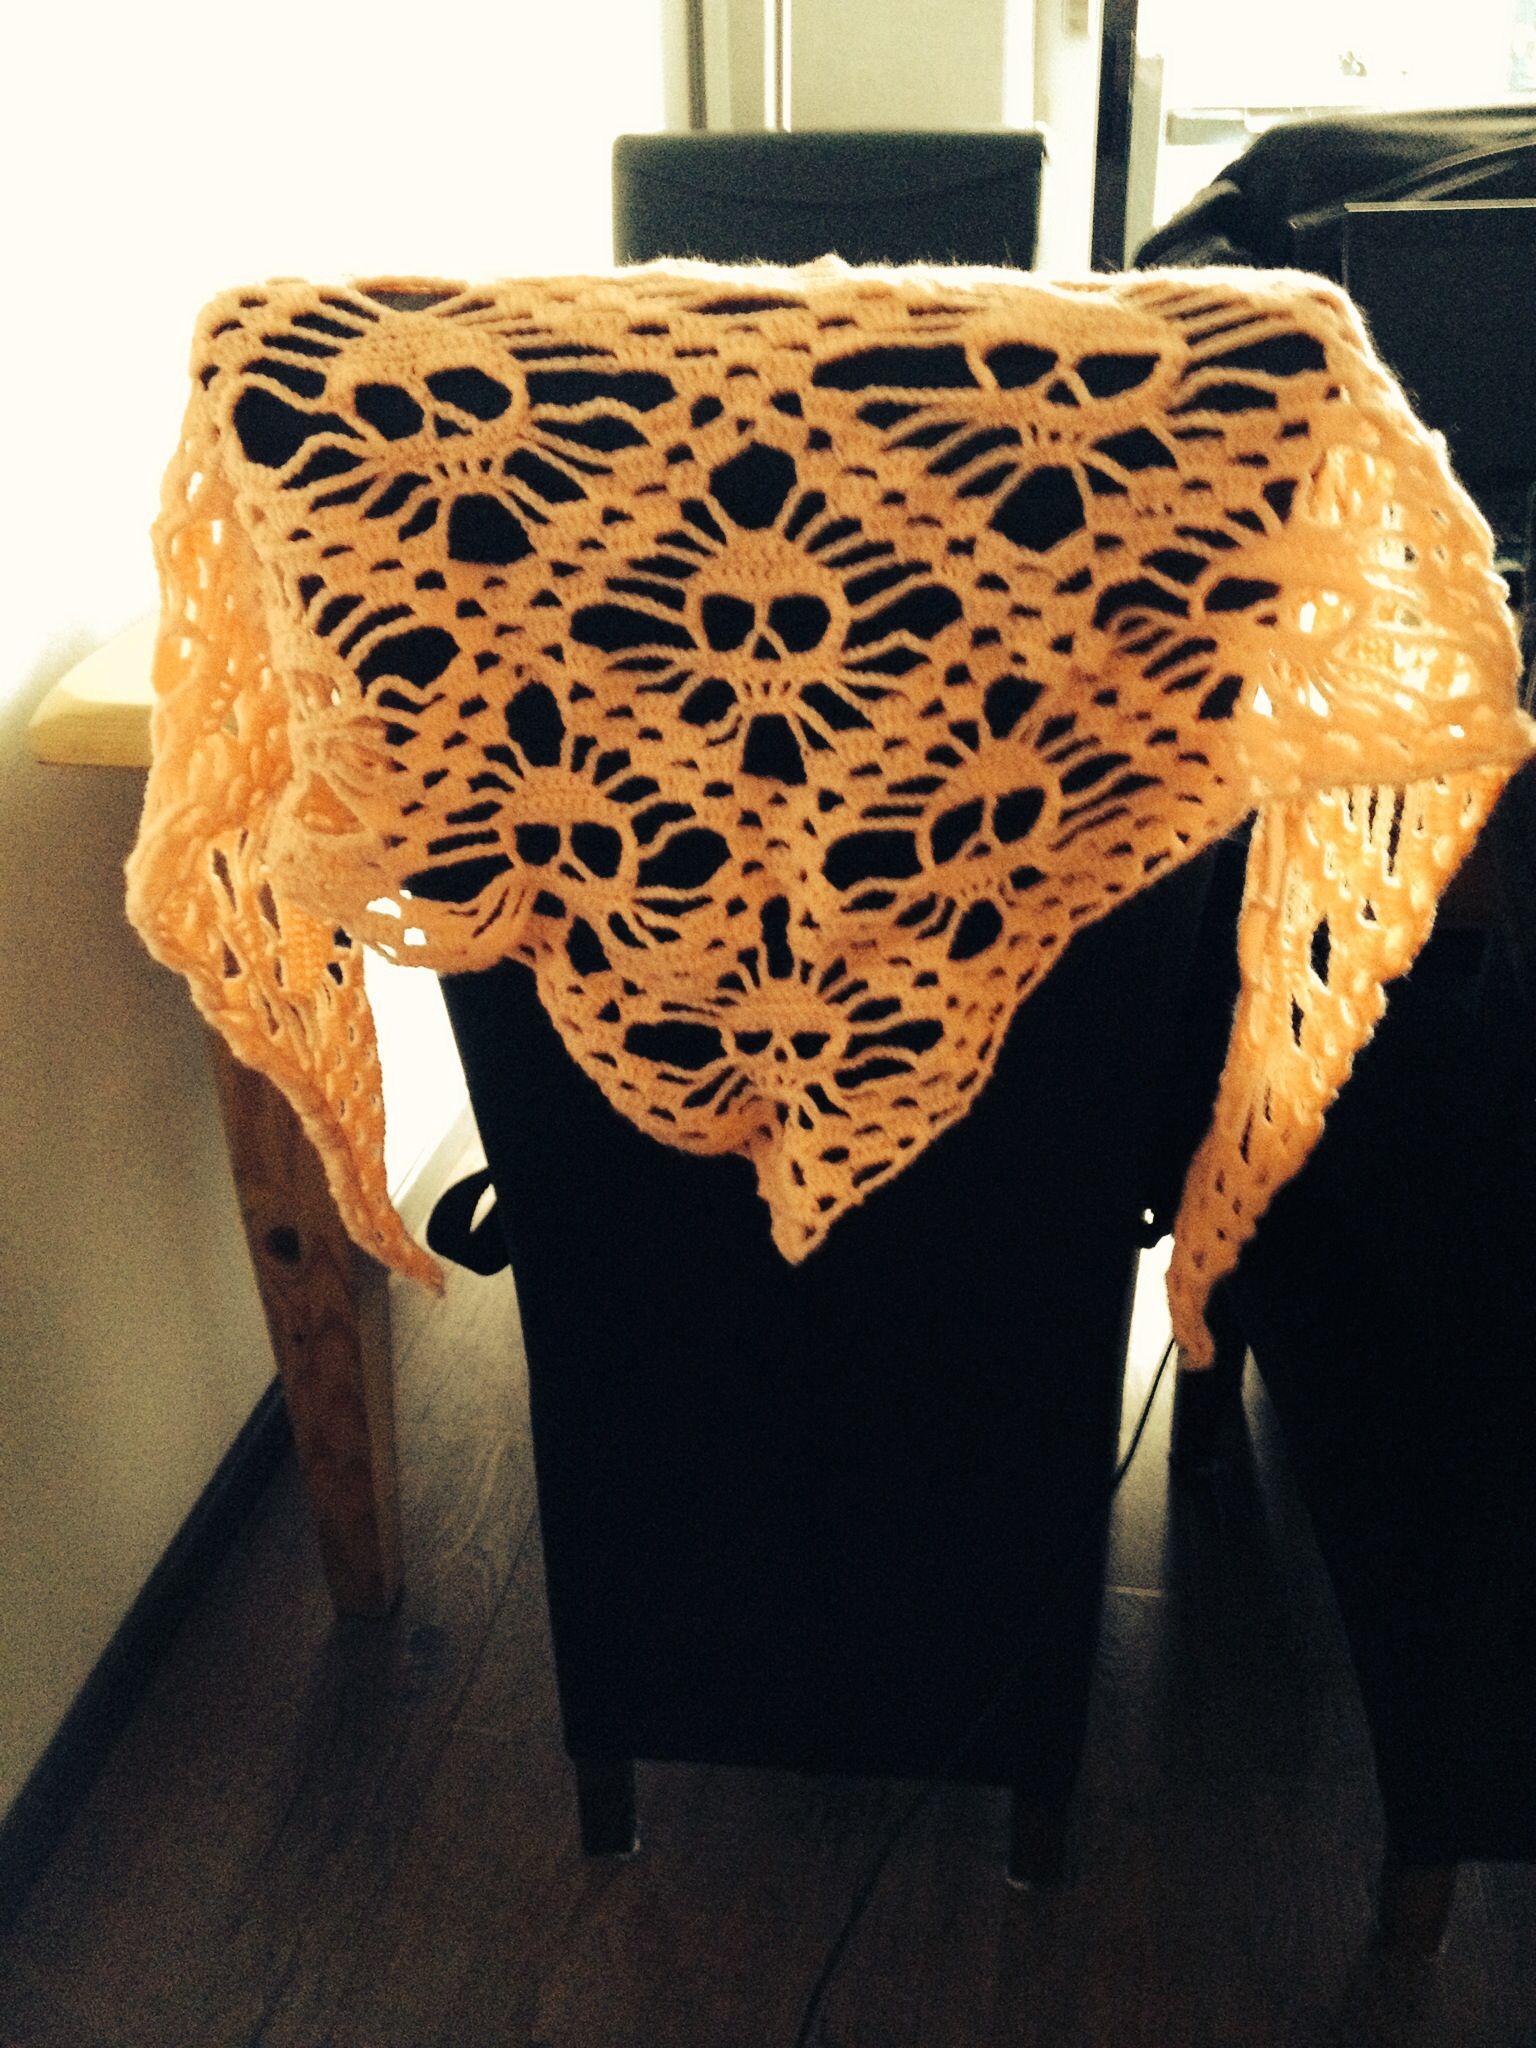 Crochet Pattern For Skull Shawl : Crochet skull shawl hooking Pinterest